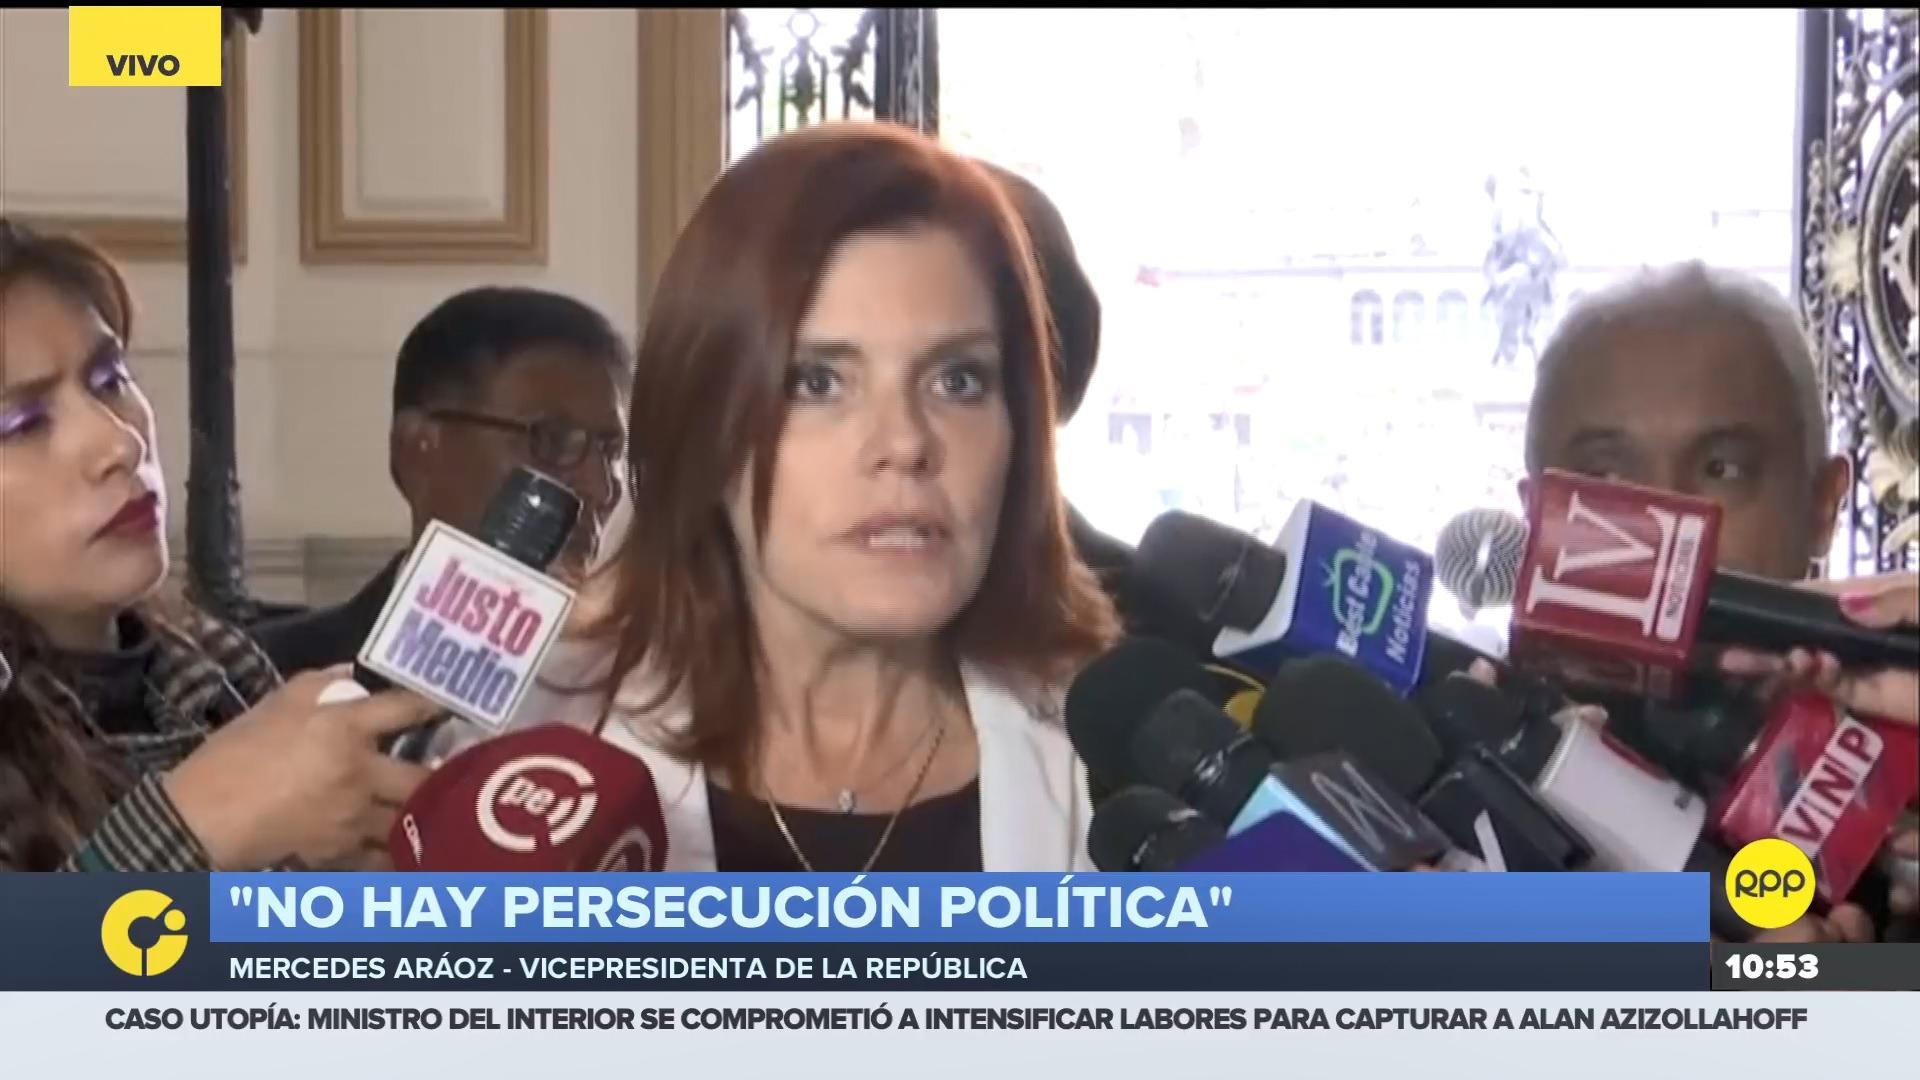 La vicepresidenta comentó que la independencia de poderes se respeta en el país.